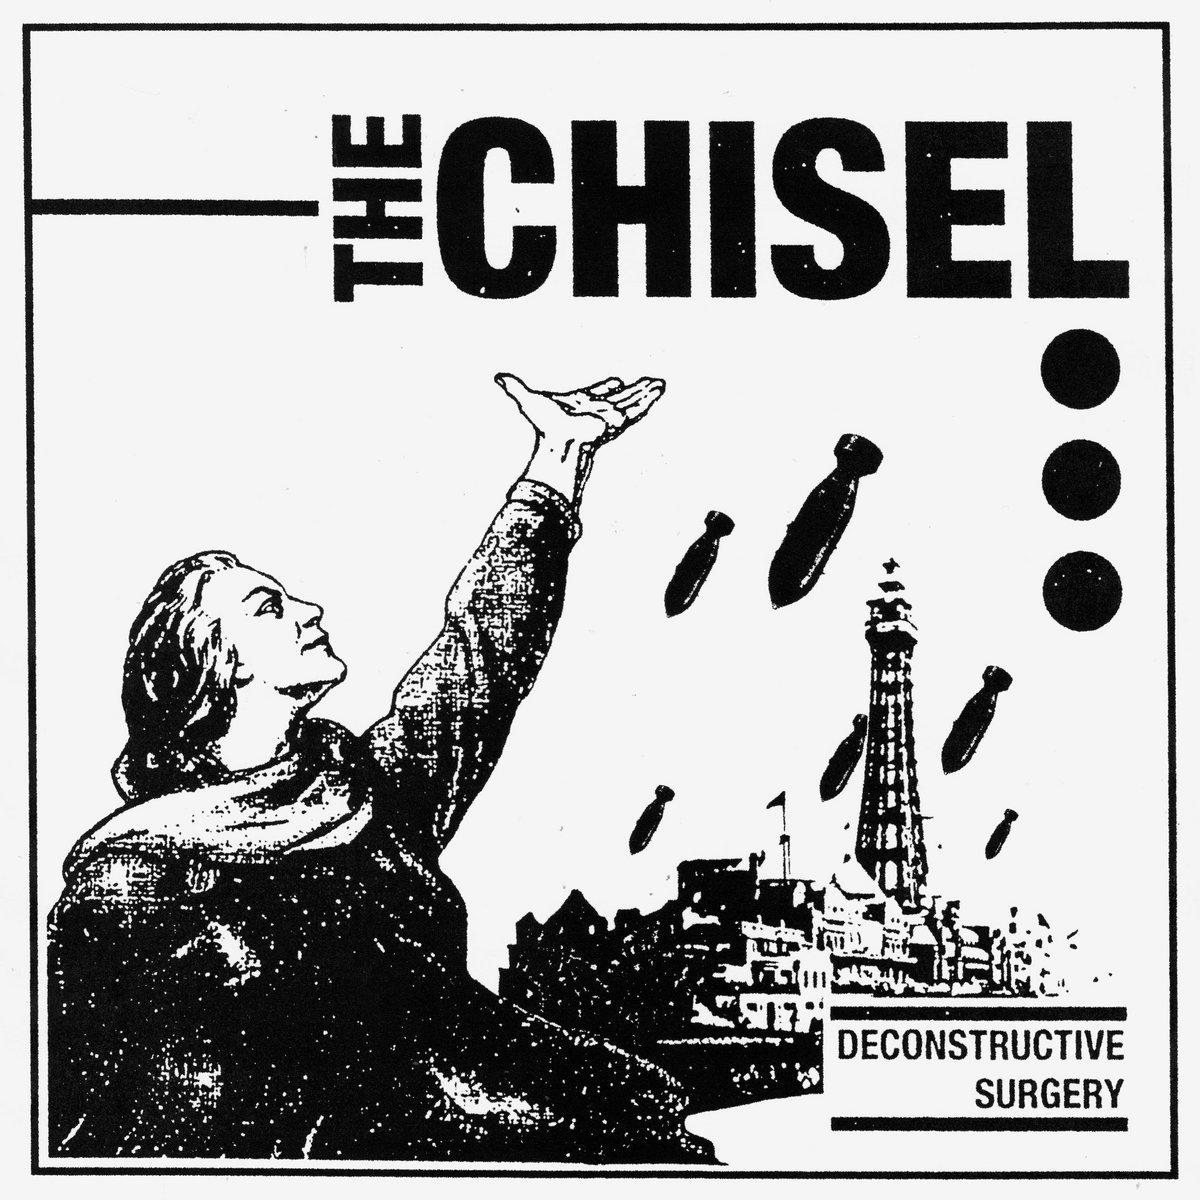 The Chisel - Deconstructive Surgery 7